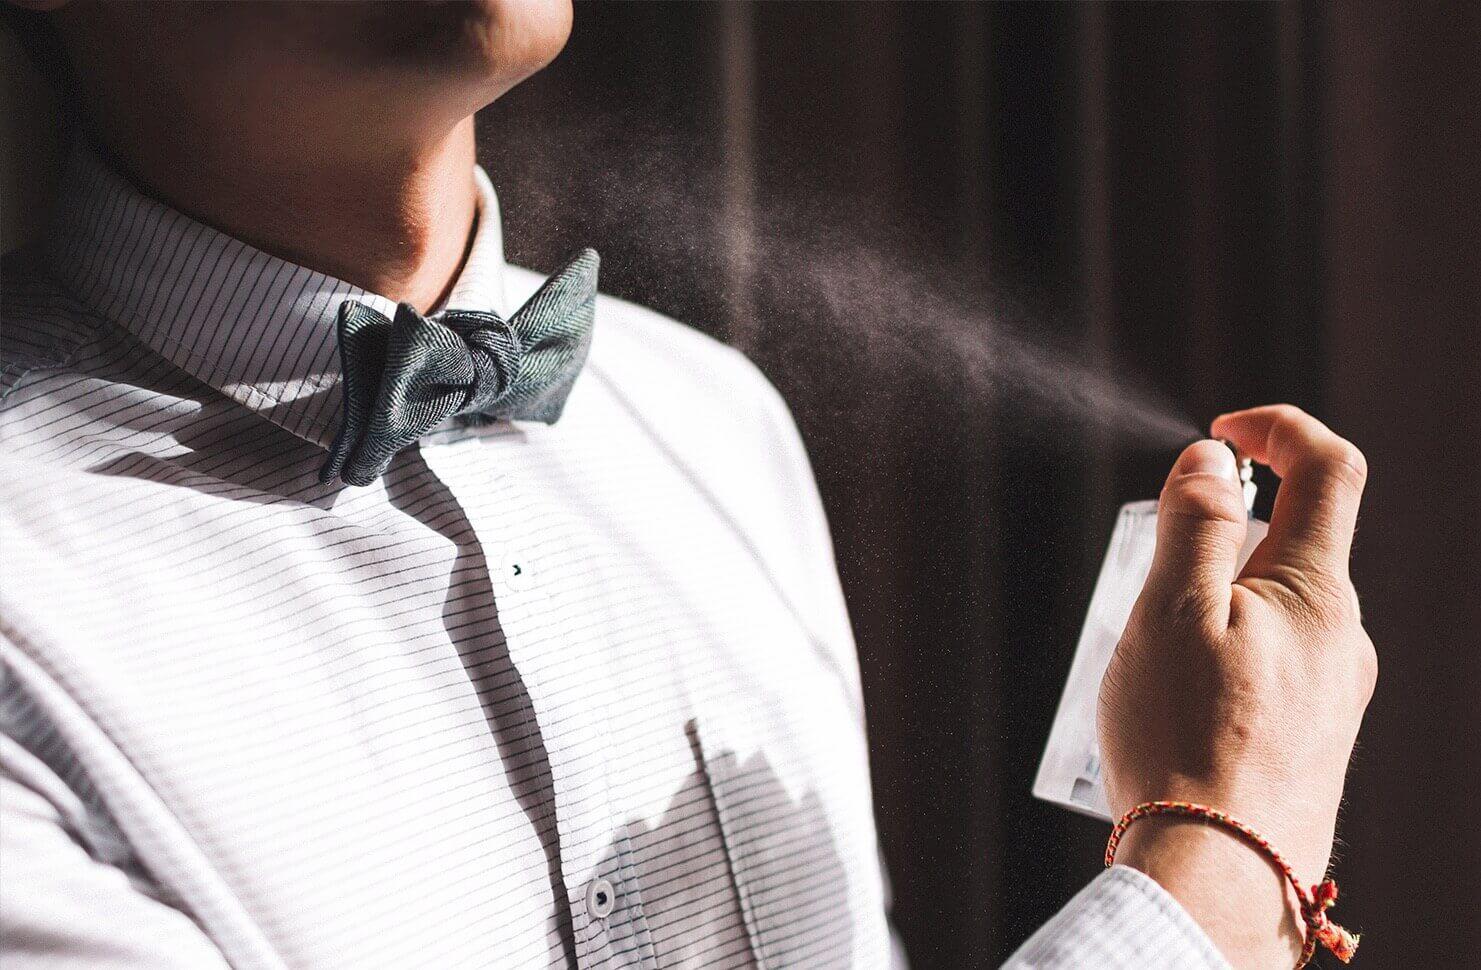 profumi da uomo costosi - la classifica dei migliori profumi da uomo - the gentleman